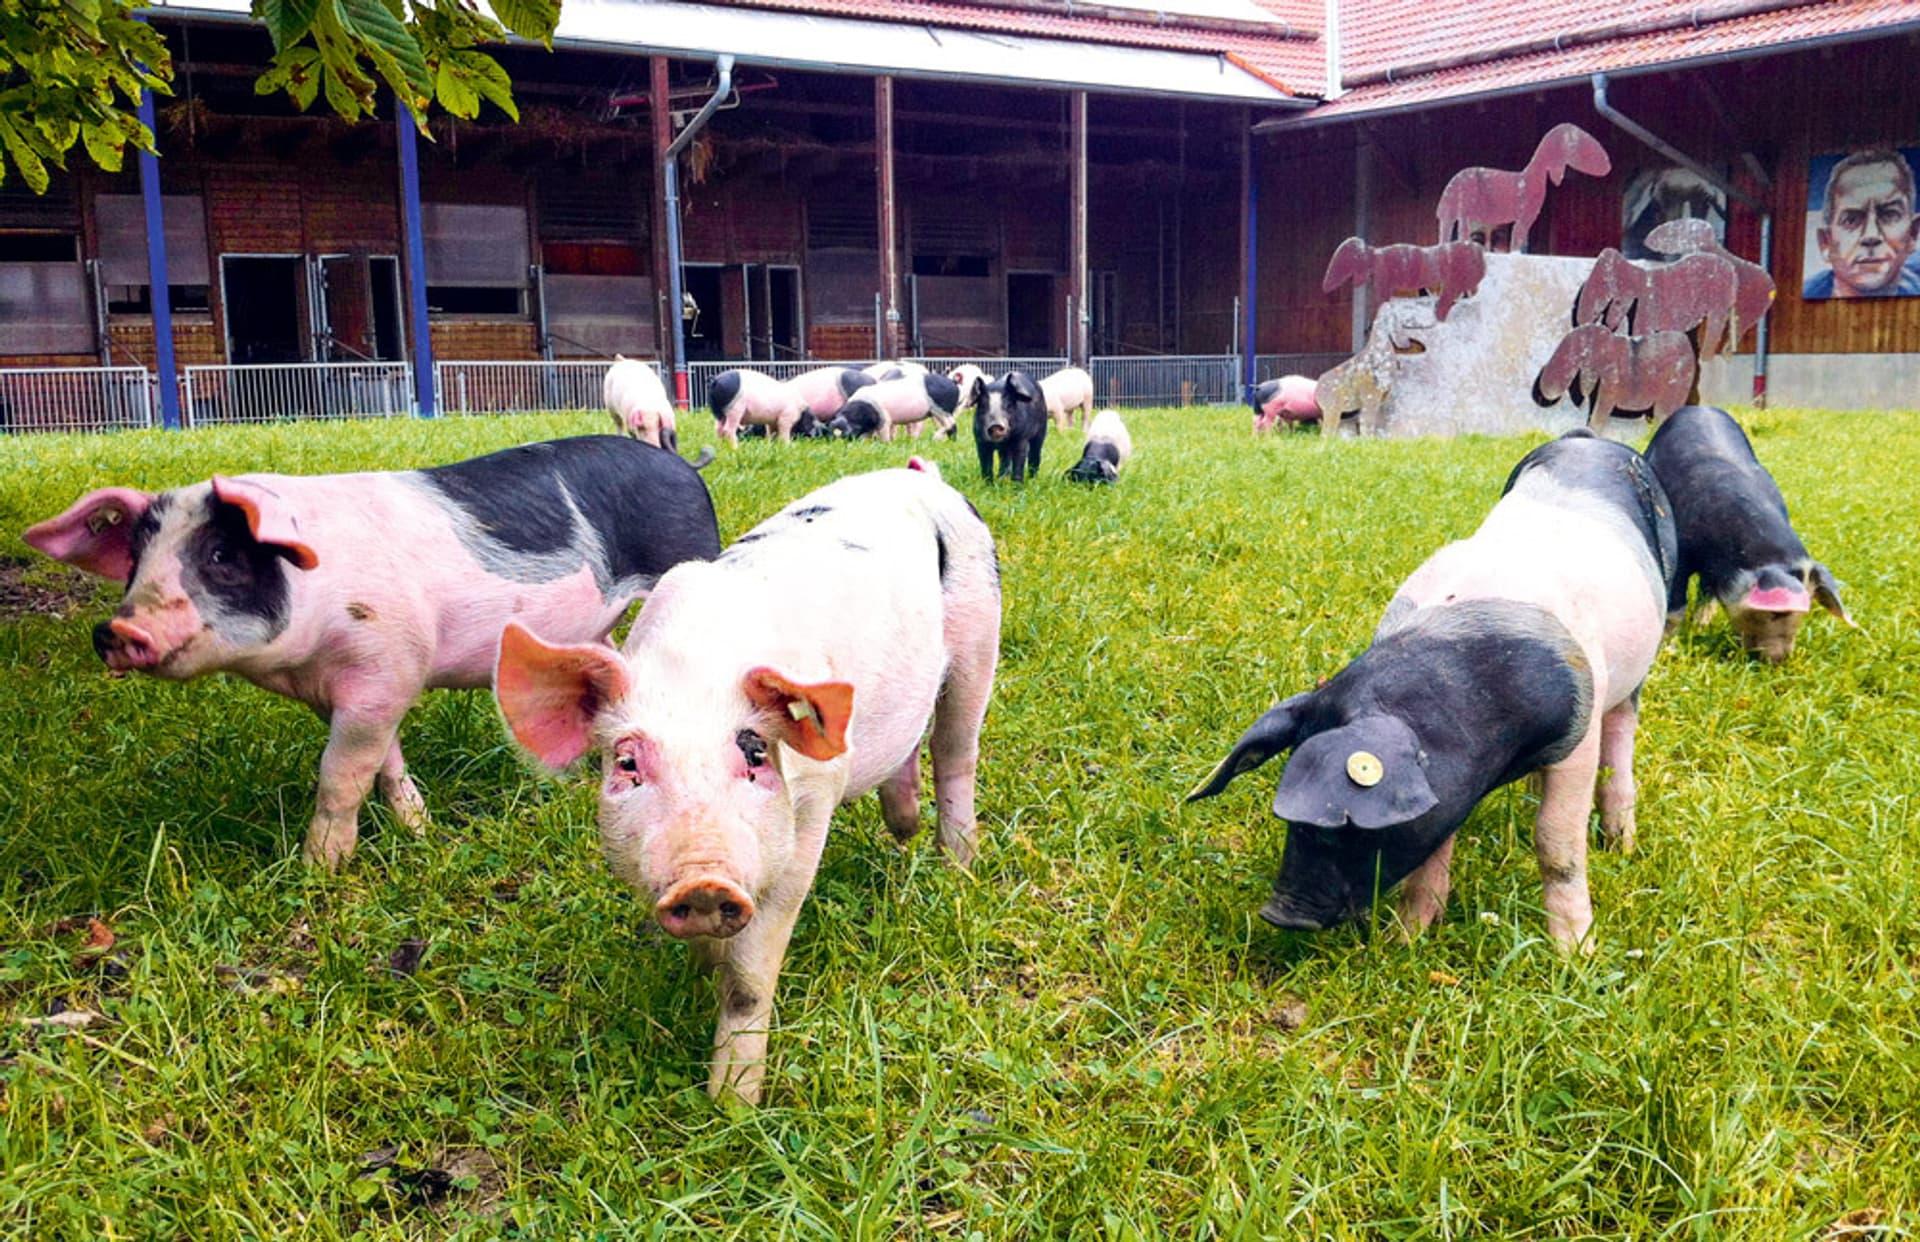 Vier gefleckte Schweine auf einer grünen Wiese